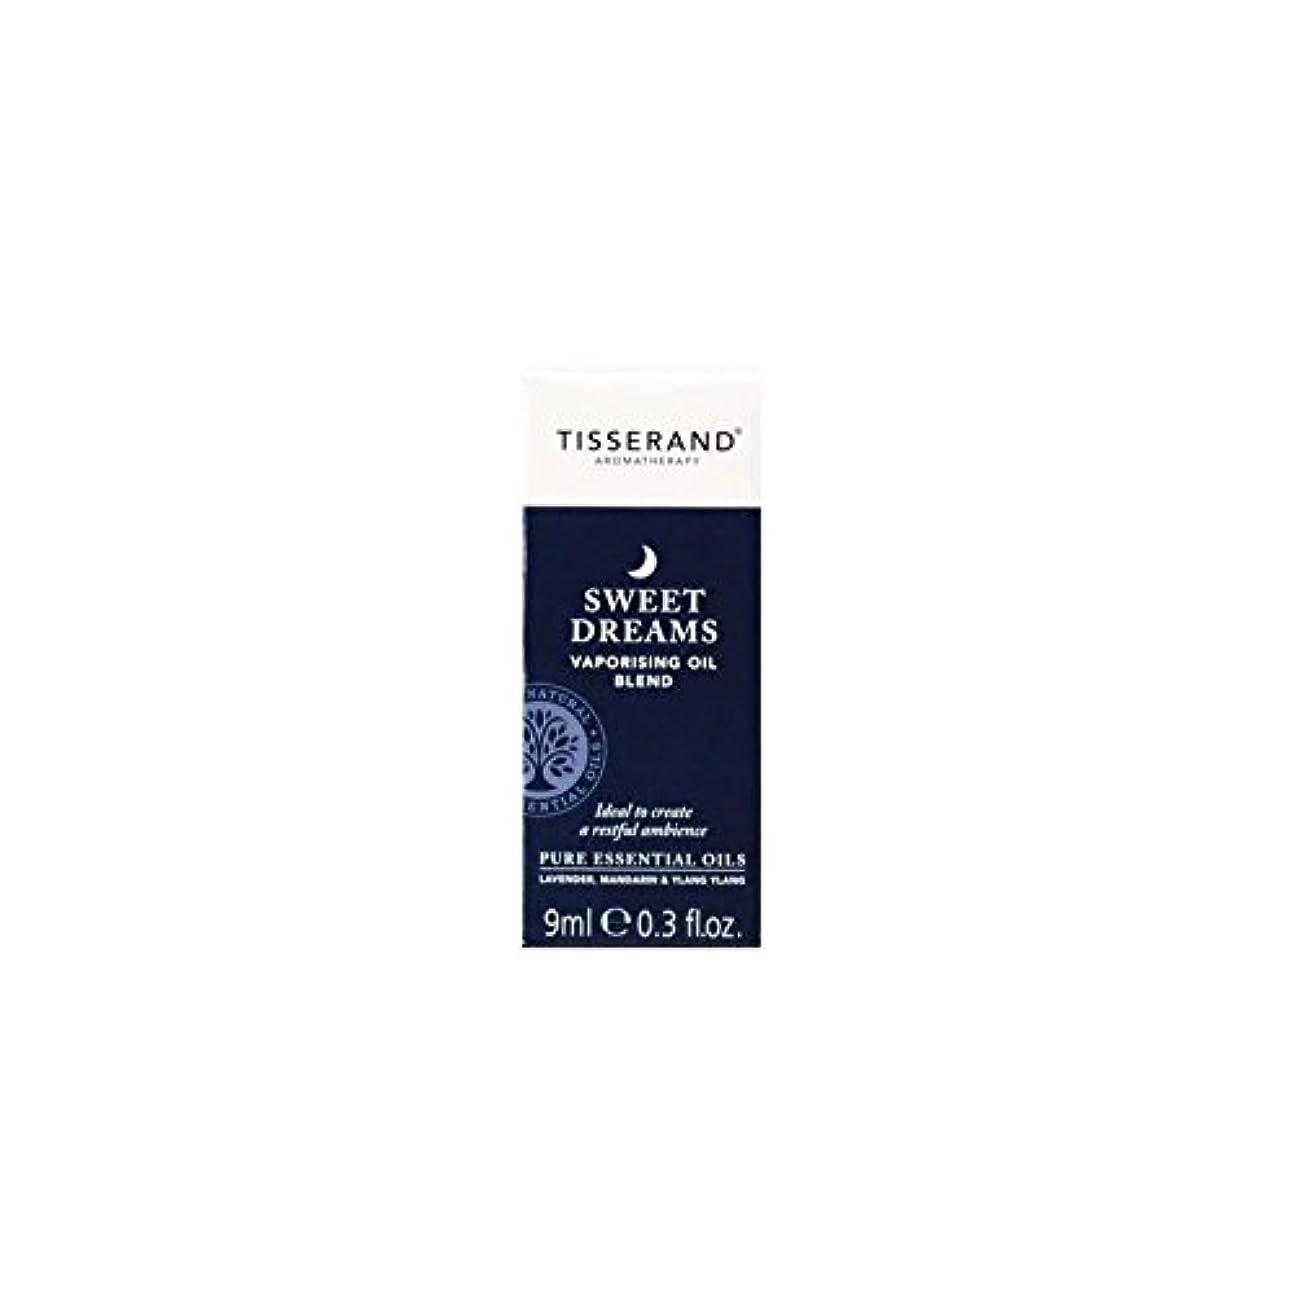 命令的めまいが匹敵しますオイル9ミリリットルを気化甘い夢 (Tisserand) (x 6) - Tisserand Sweet Dreams Vaporising Oil 9ml (Pack of 6) [並行輸入品]